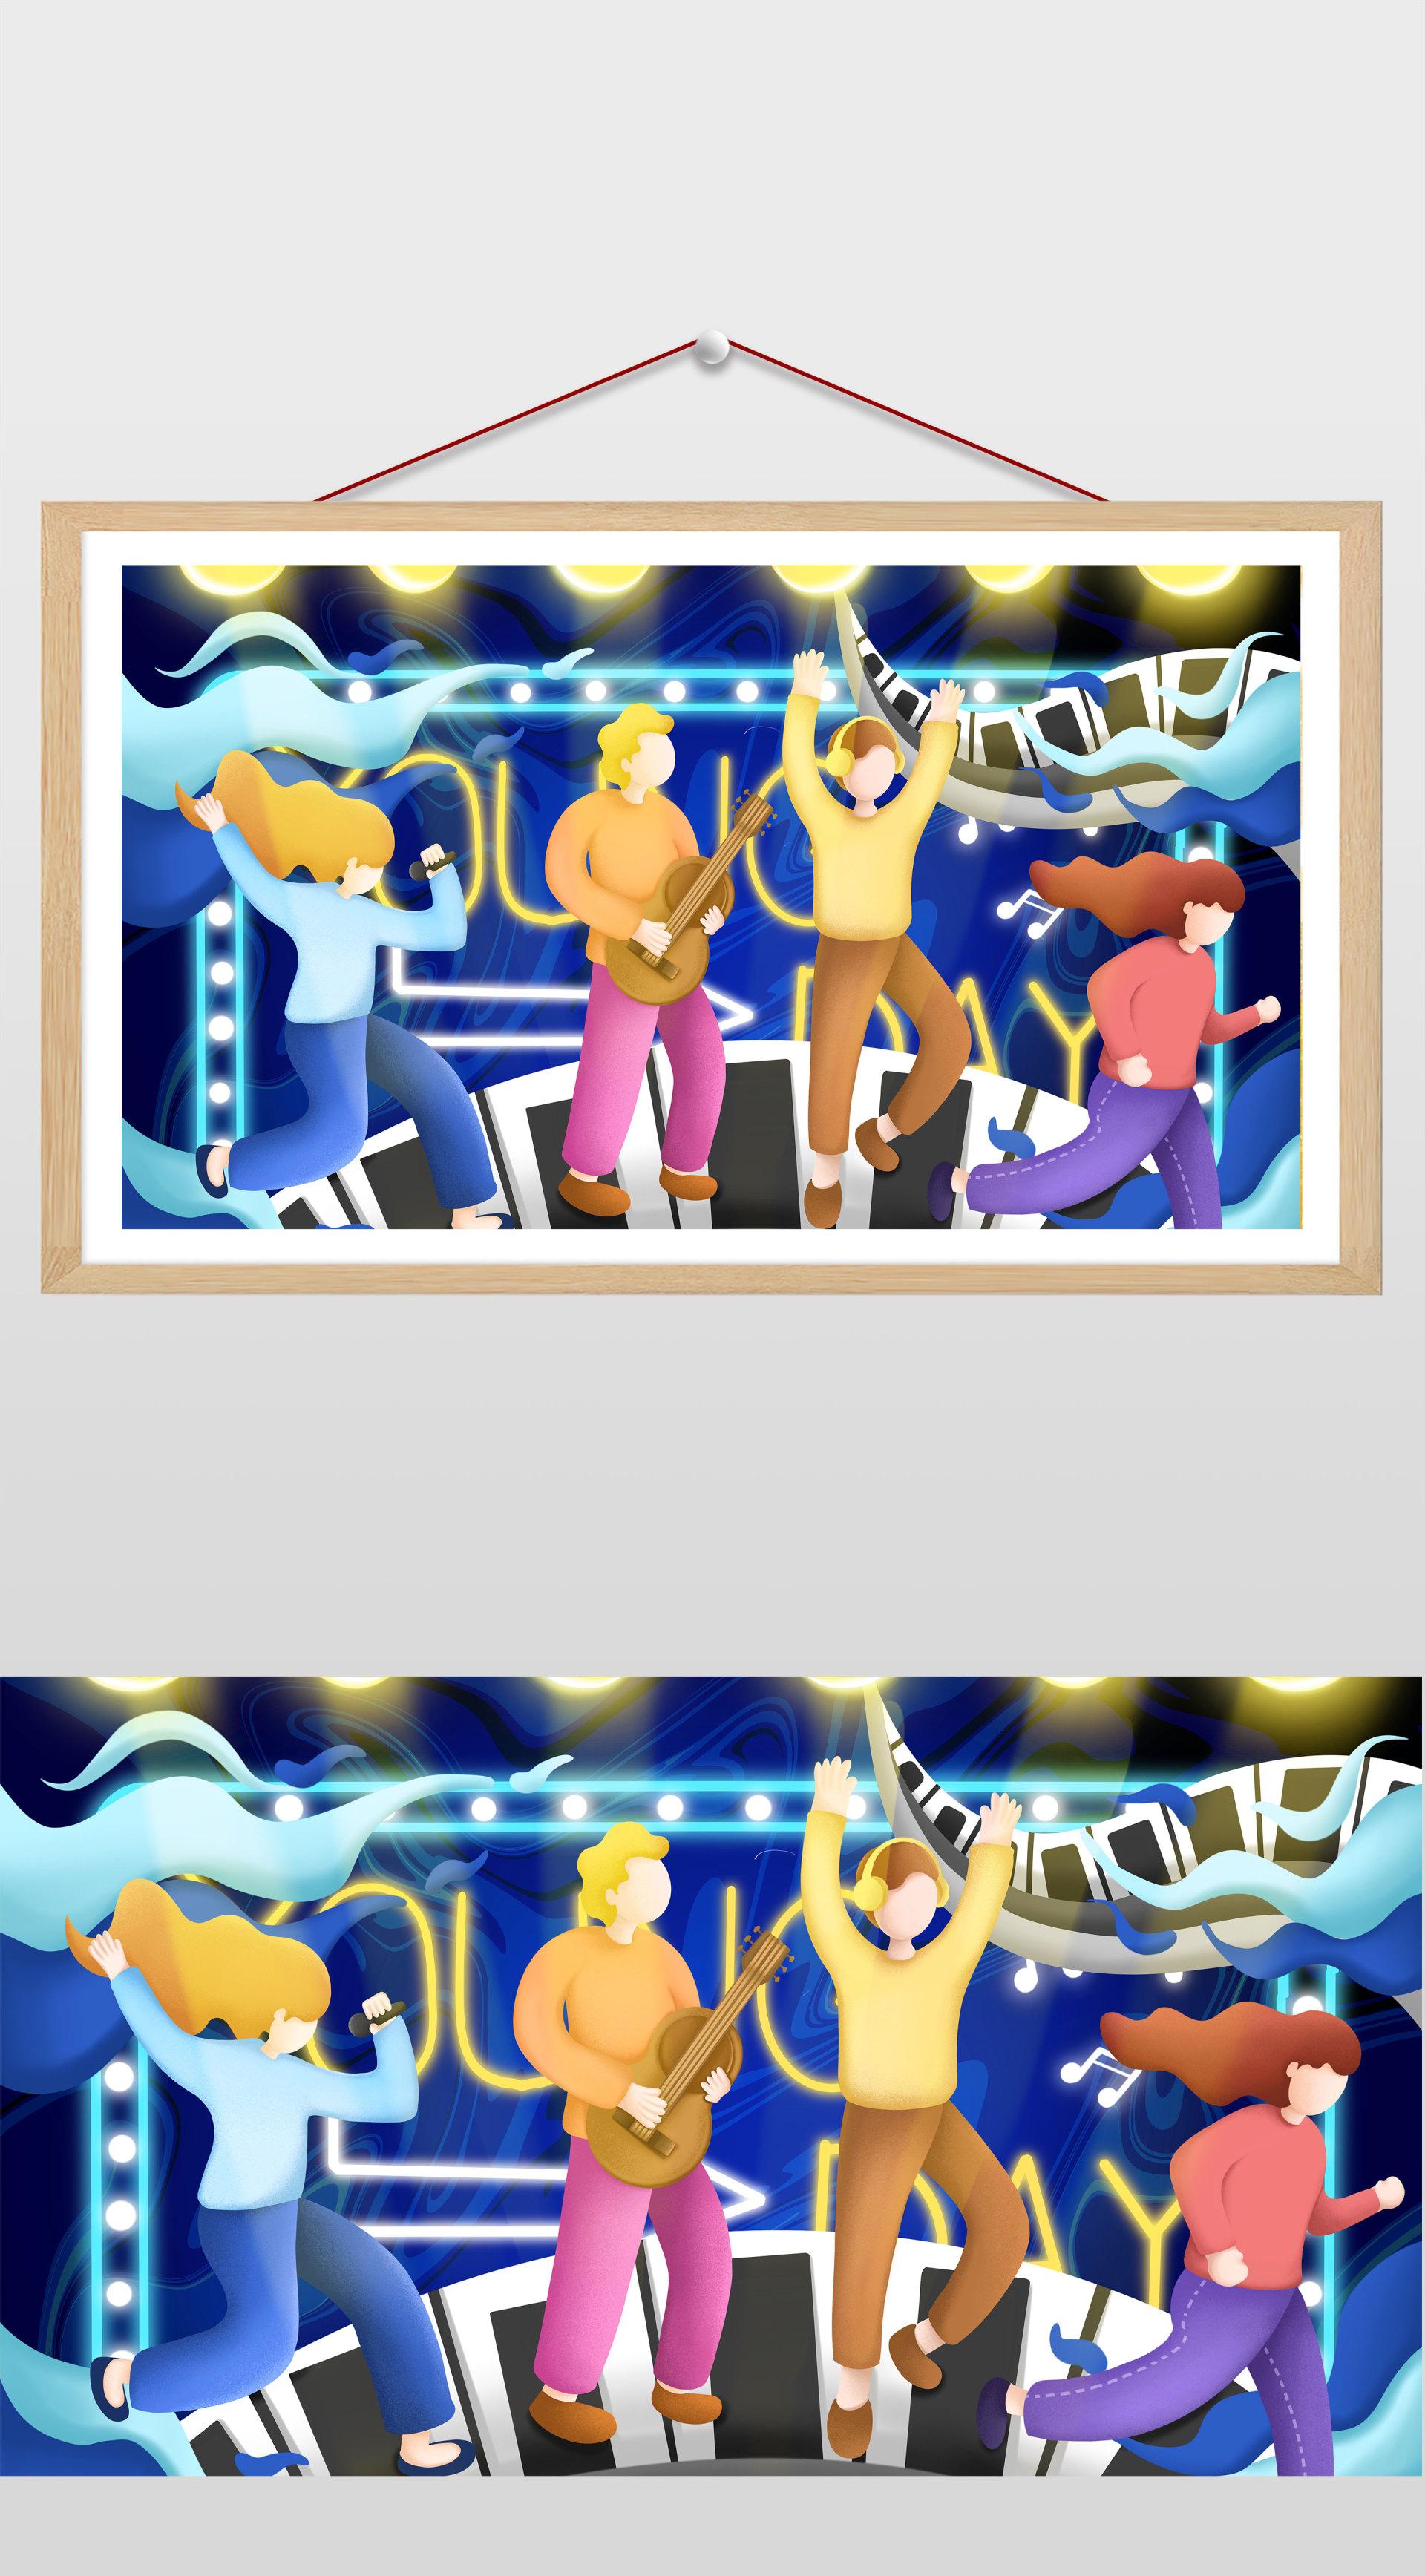 蓝色卡通活力乐队青年节插画